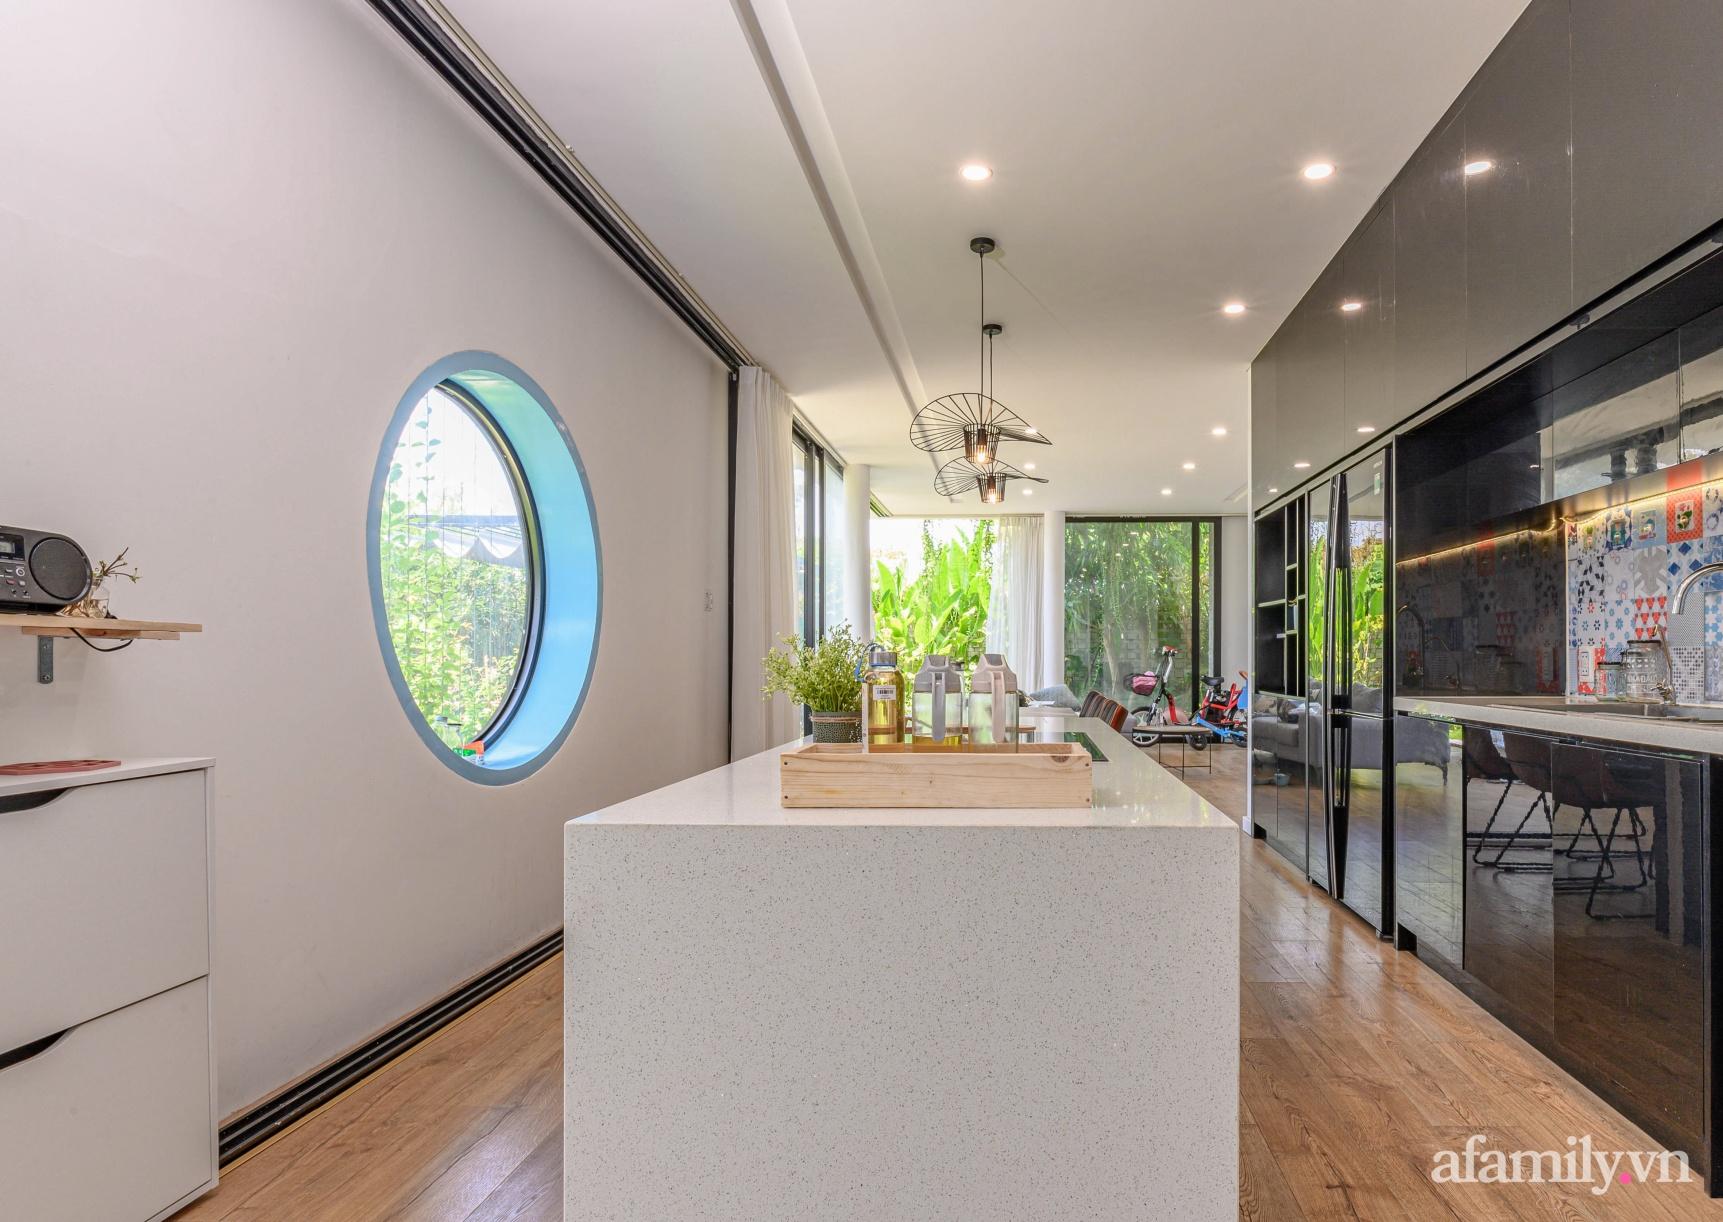 Ngôi nhà nhiều cây xanh và ánh sáng gói trọn bình yên của cặp vợ chồng kiến trúc sư ở Đà Nẵng - Ảnh 11.